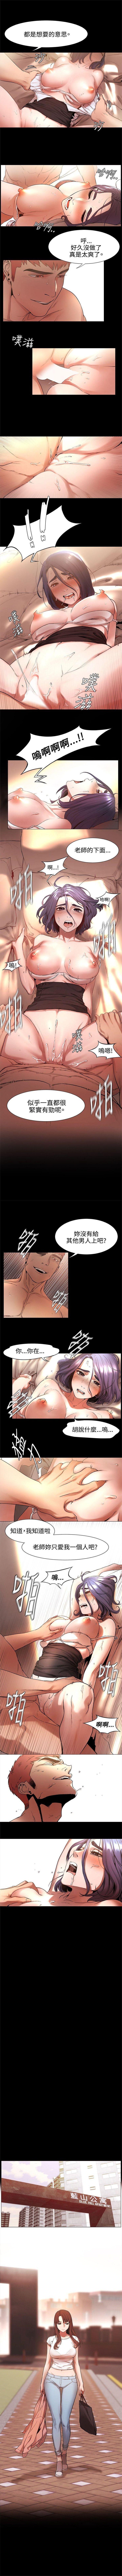 (週5)衝突 1-91 中文翻譯 (更新中) 16